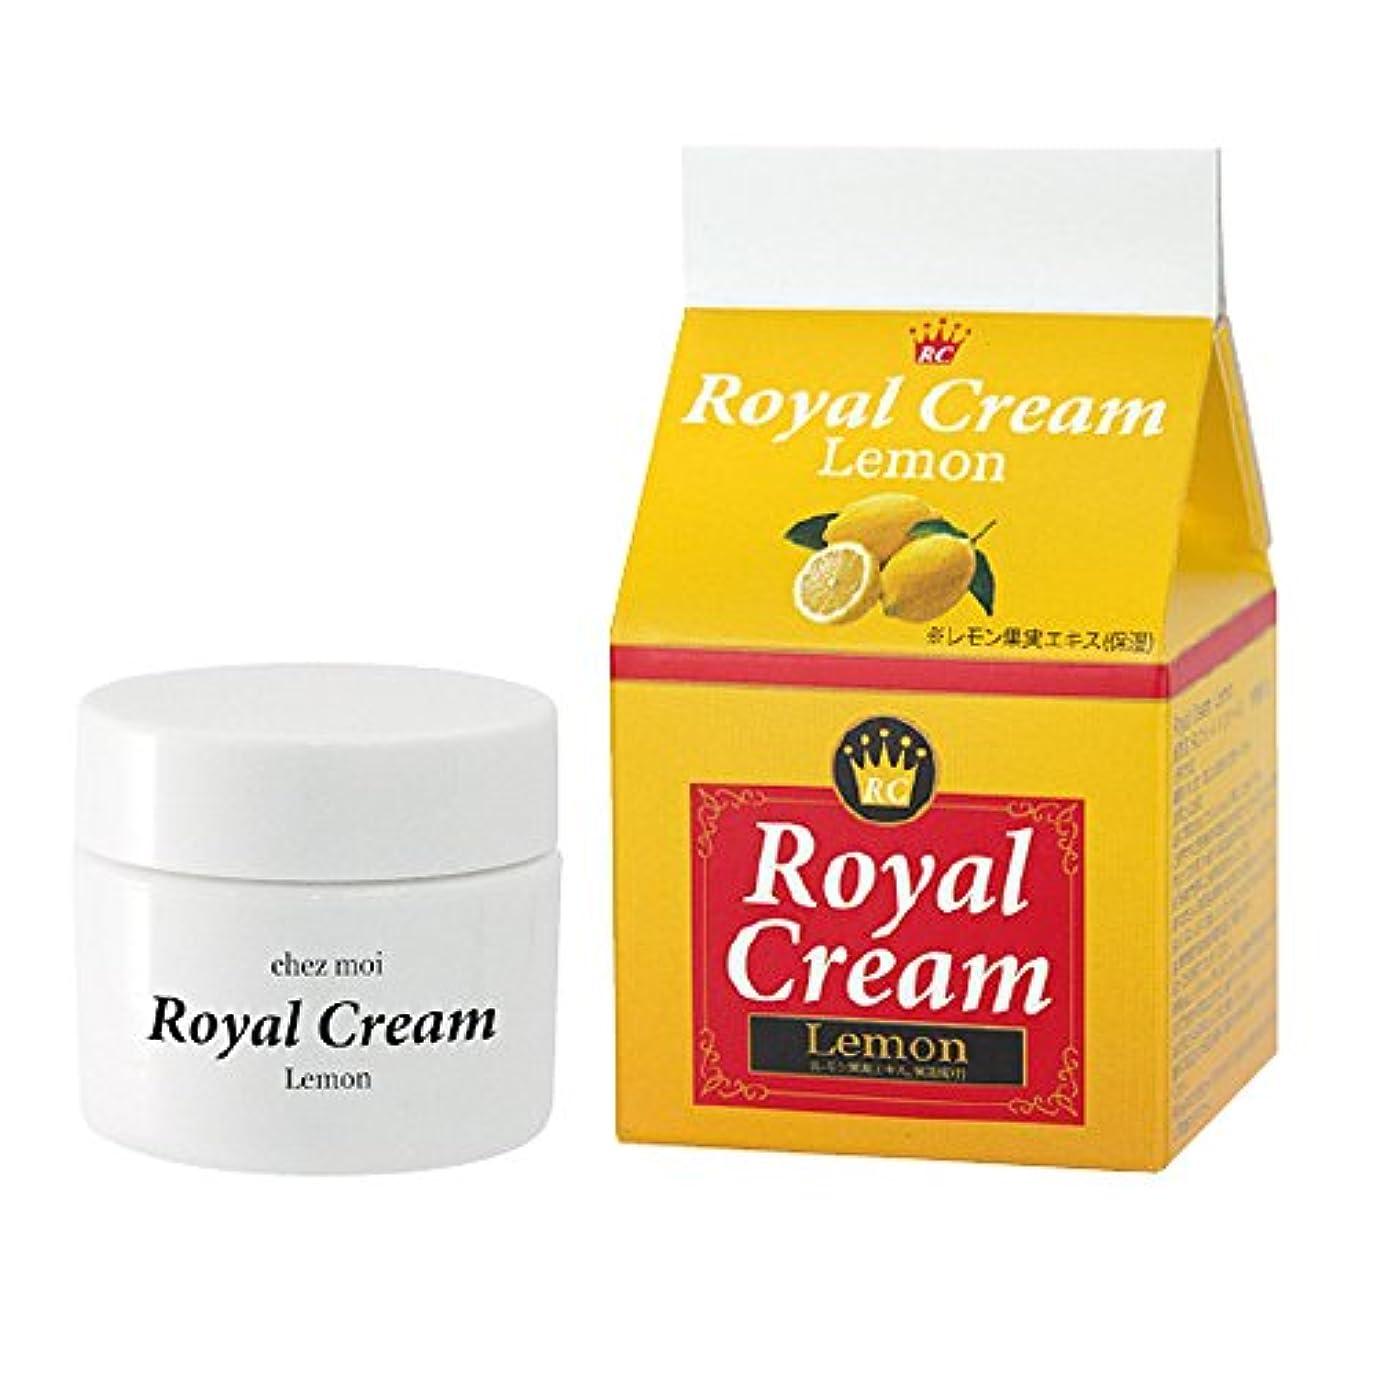 間に合わせアンデス山脈噴水シェモア Royal Cream Lemon(ロイヤルクリームレモン) 30g